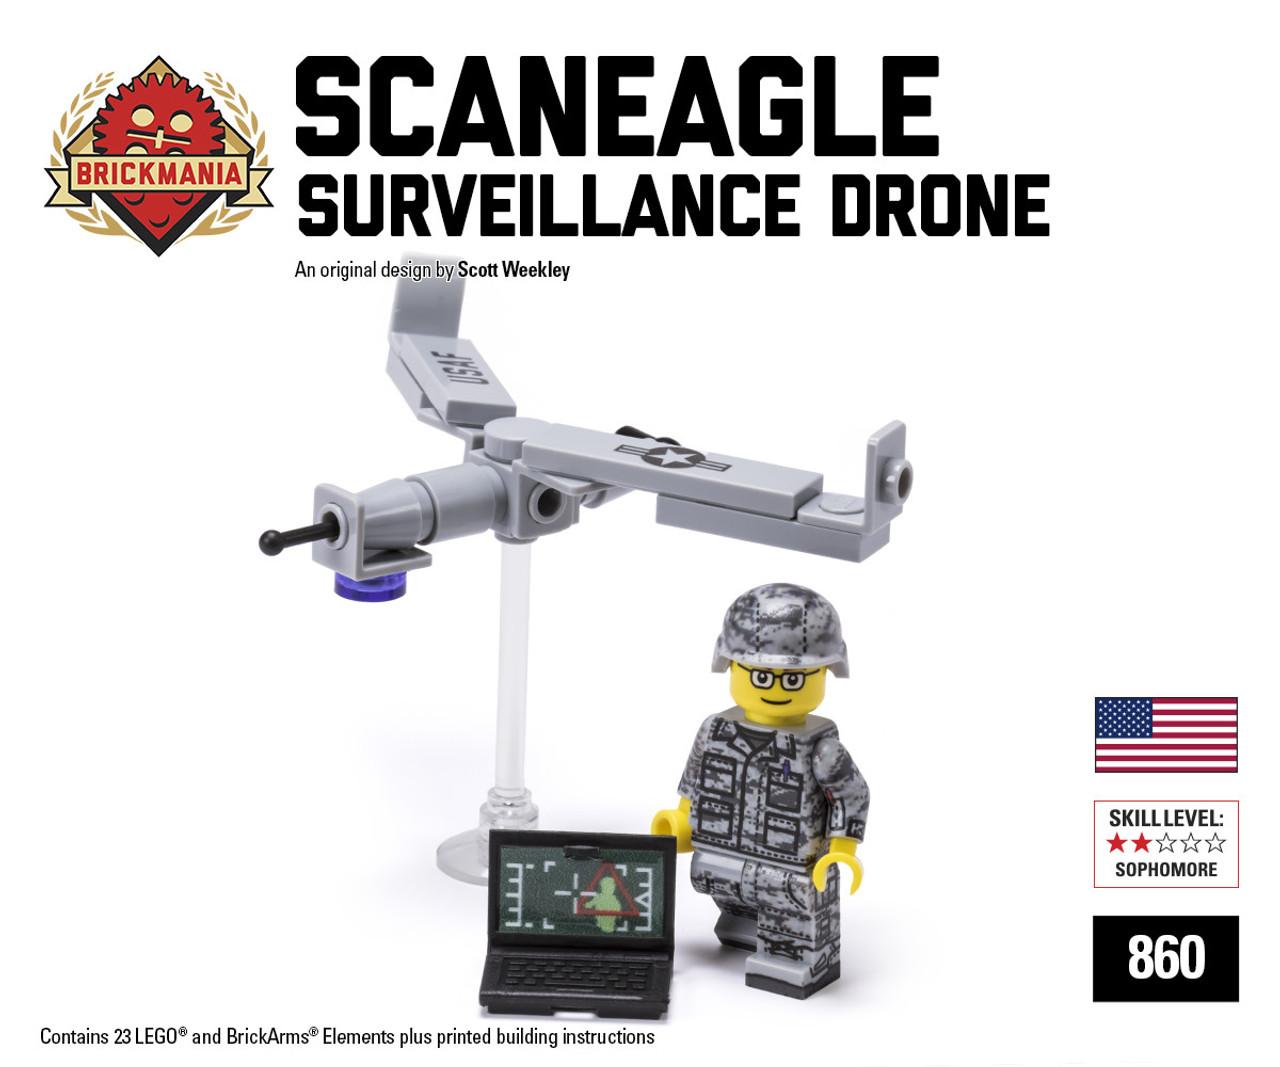 scaneagle surveillance drone brickmania toys